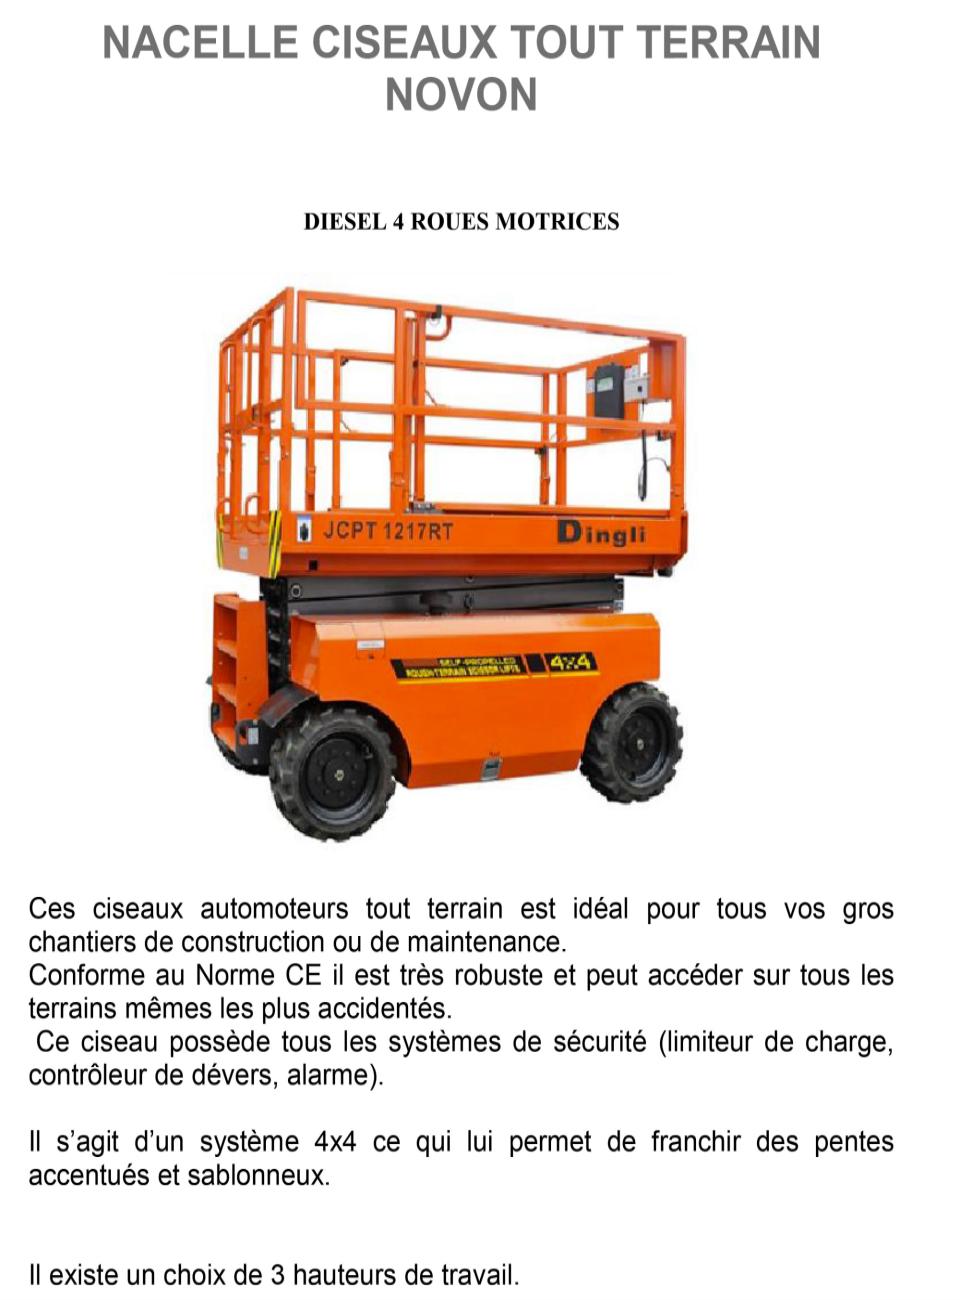 Plateforme Ciseaux Automoteur Tout Terrain